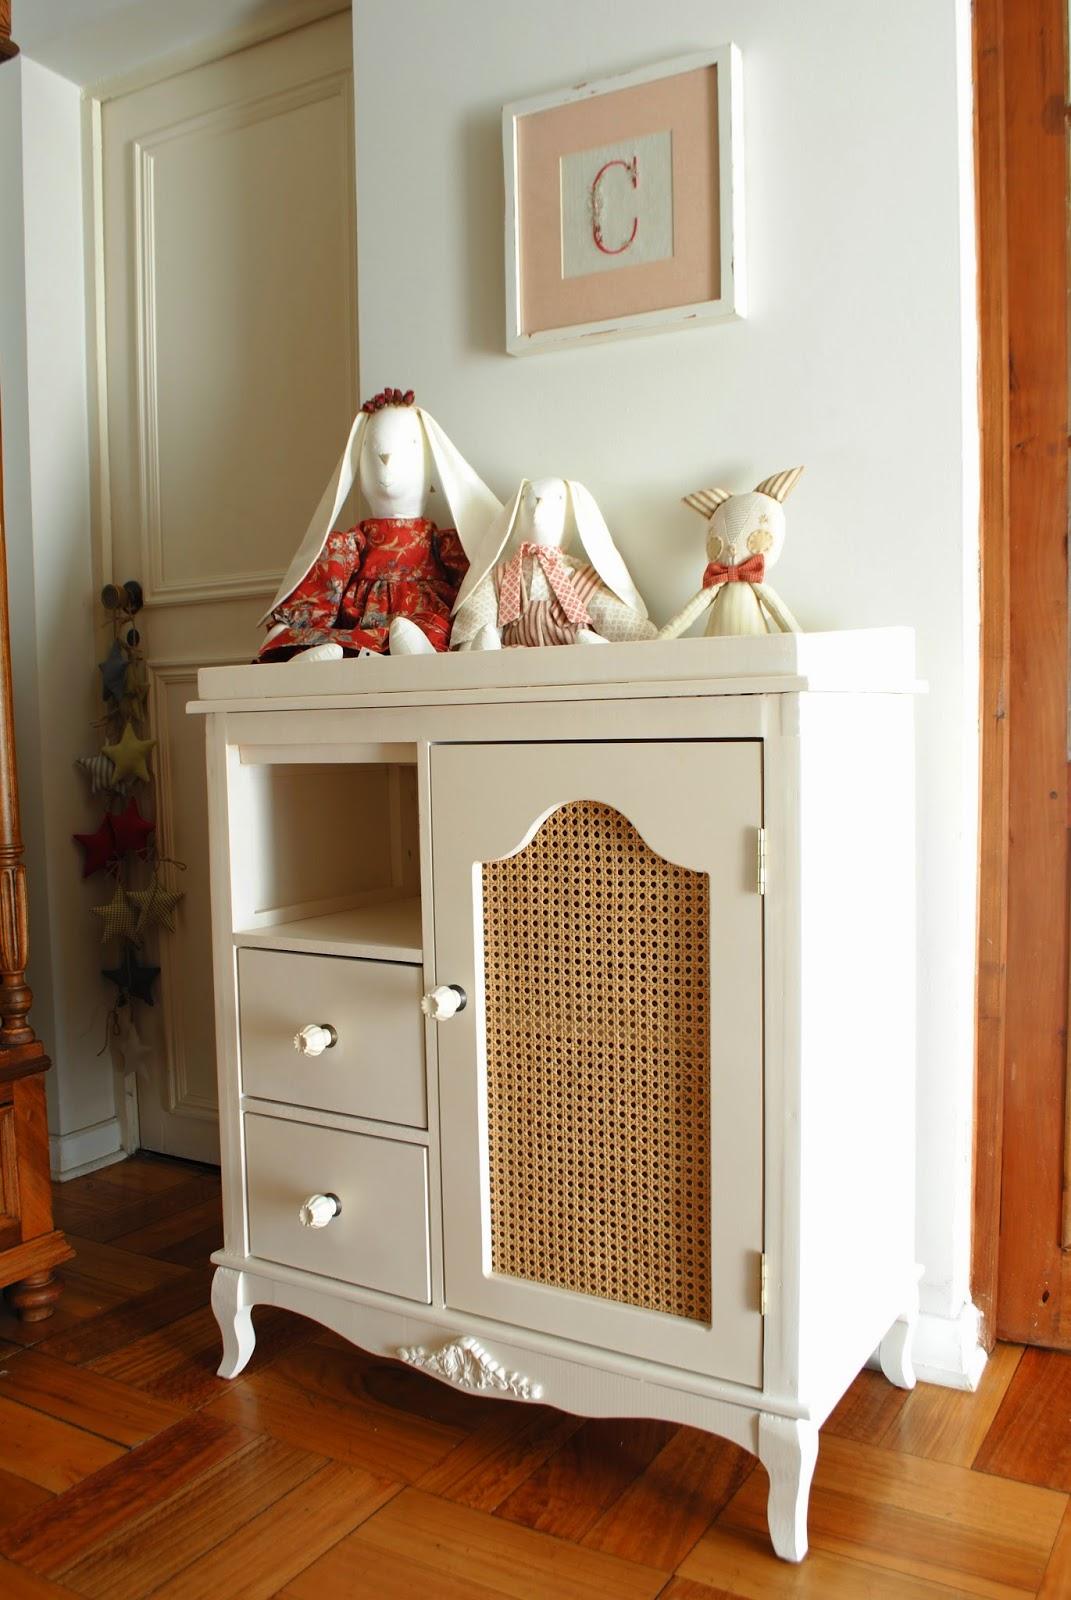 Paz montealegre decoraci n mudador estilo provenzal - Dormitorios estilo provenzal ...